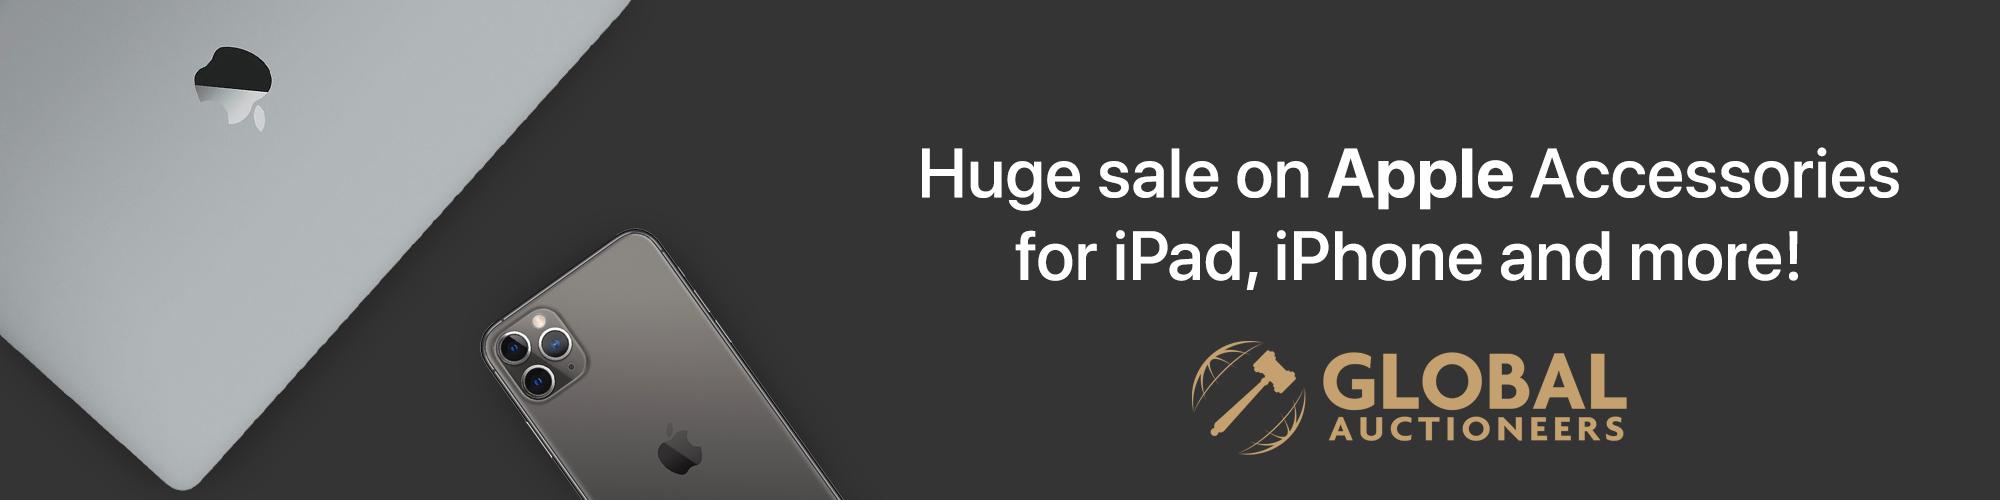 Apple Accessory Sale